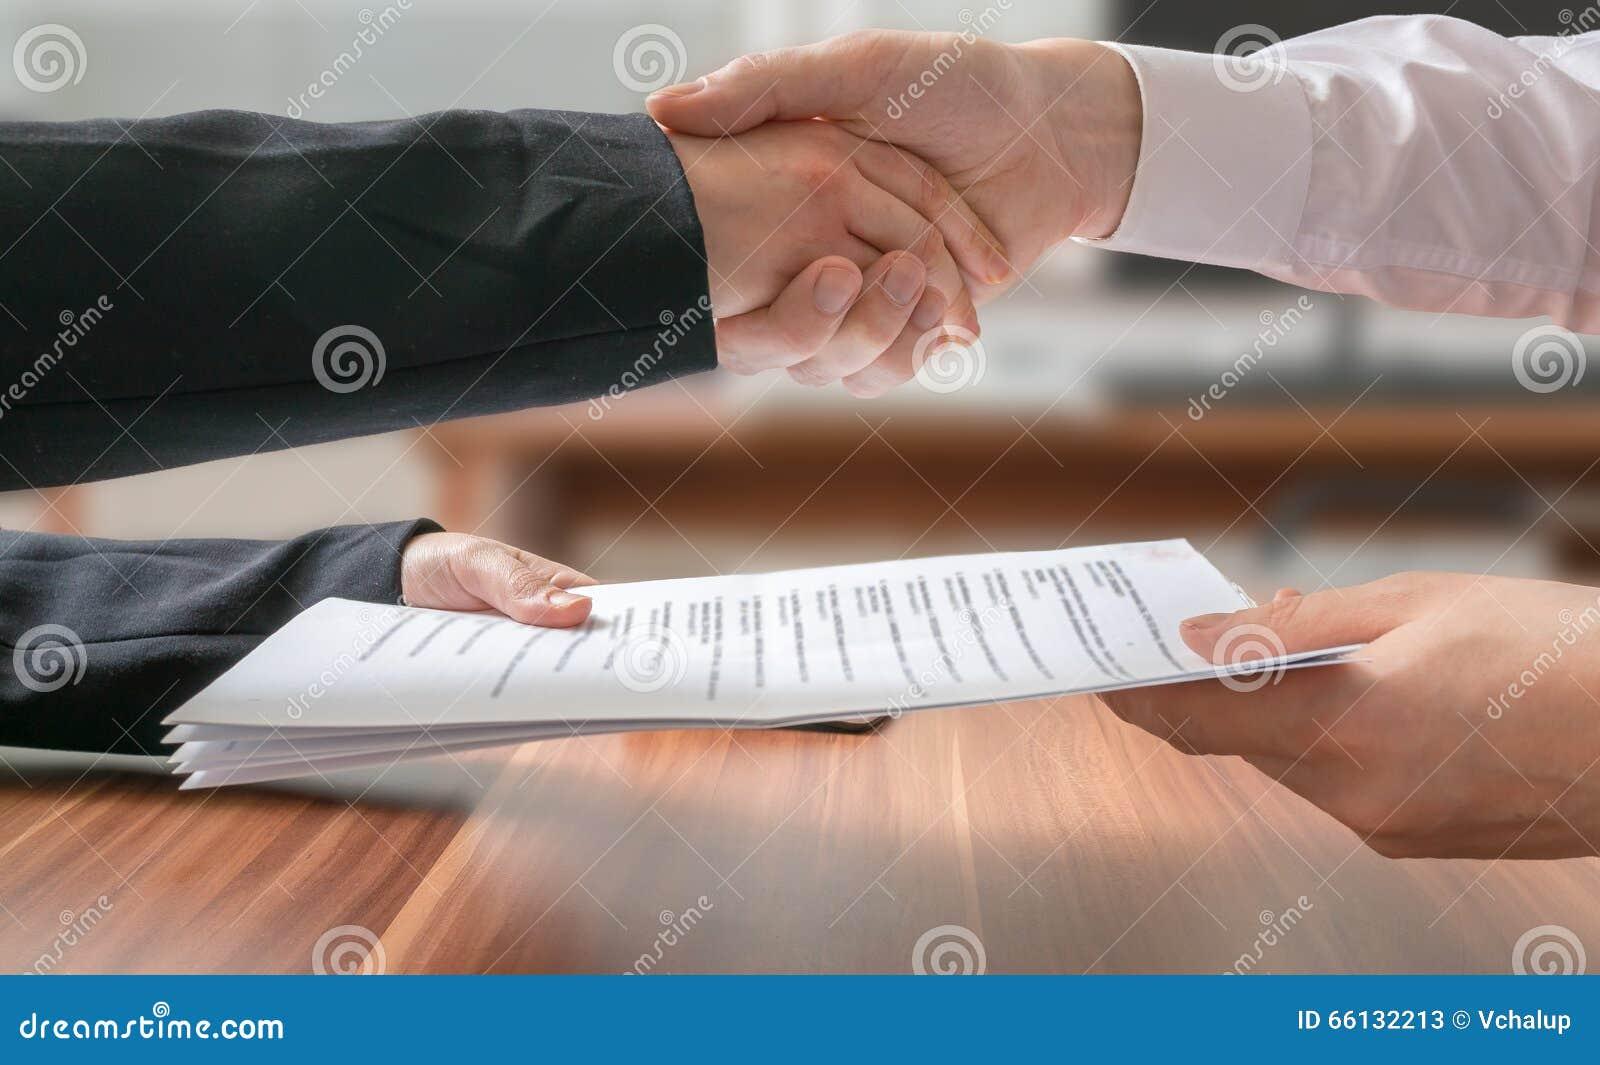 För handpartnerskap för begrepp olikt pussel två för stycken Affärsman och kvinna som skakar händer och övergående överenskommels